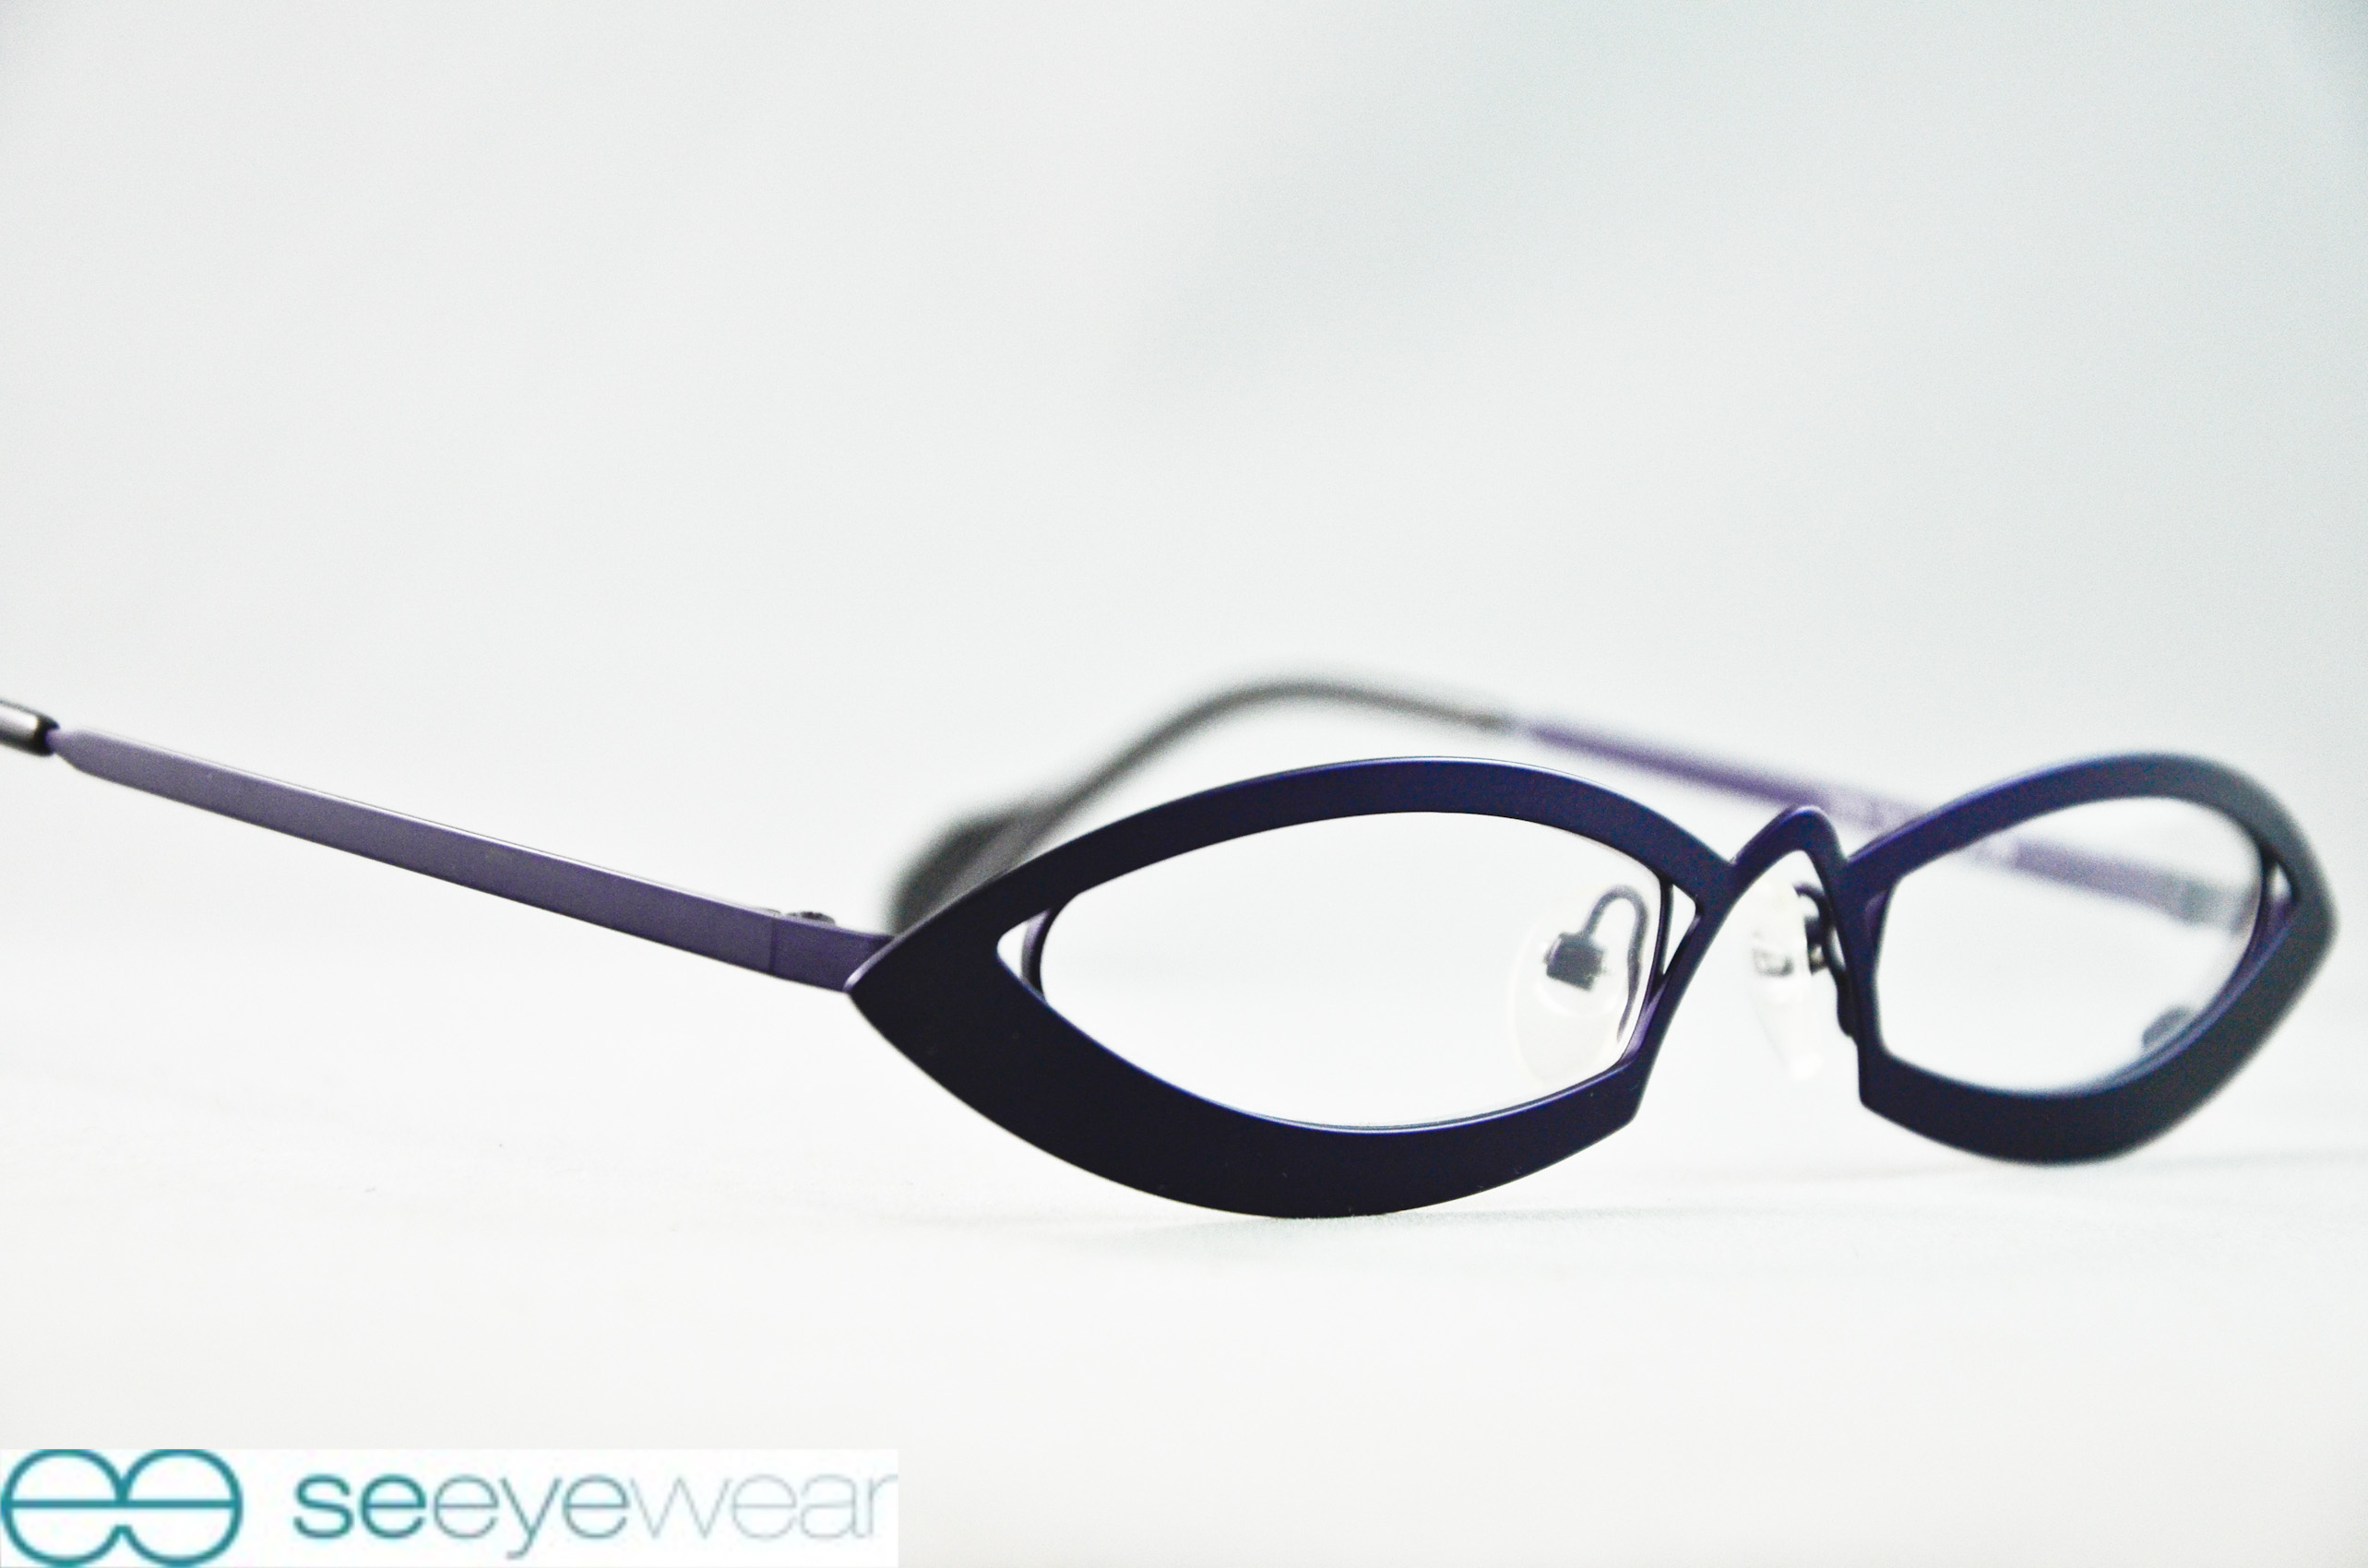 Female Frames - - Iyoko Inyake Frames - IY137